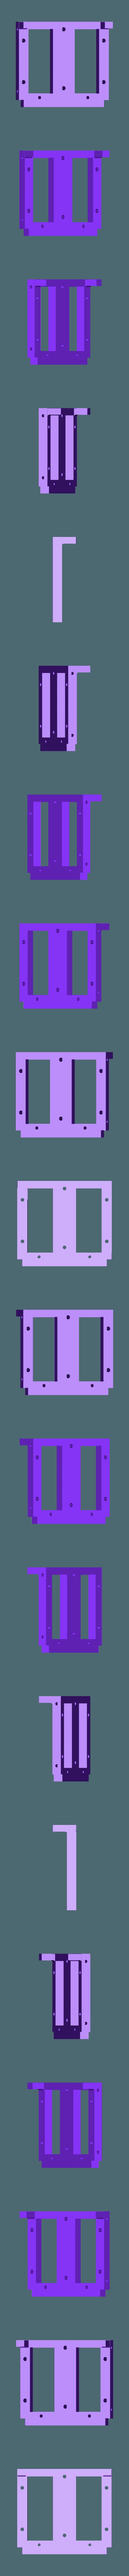 rear_frame.stl Télécharger fichier STL gratuit Ghostbuster Ghostbuster Ghosttrap • Modèle pour impression 3D, SLIDES